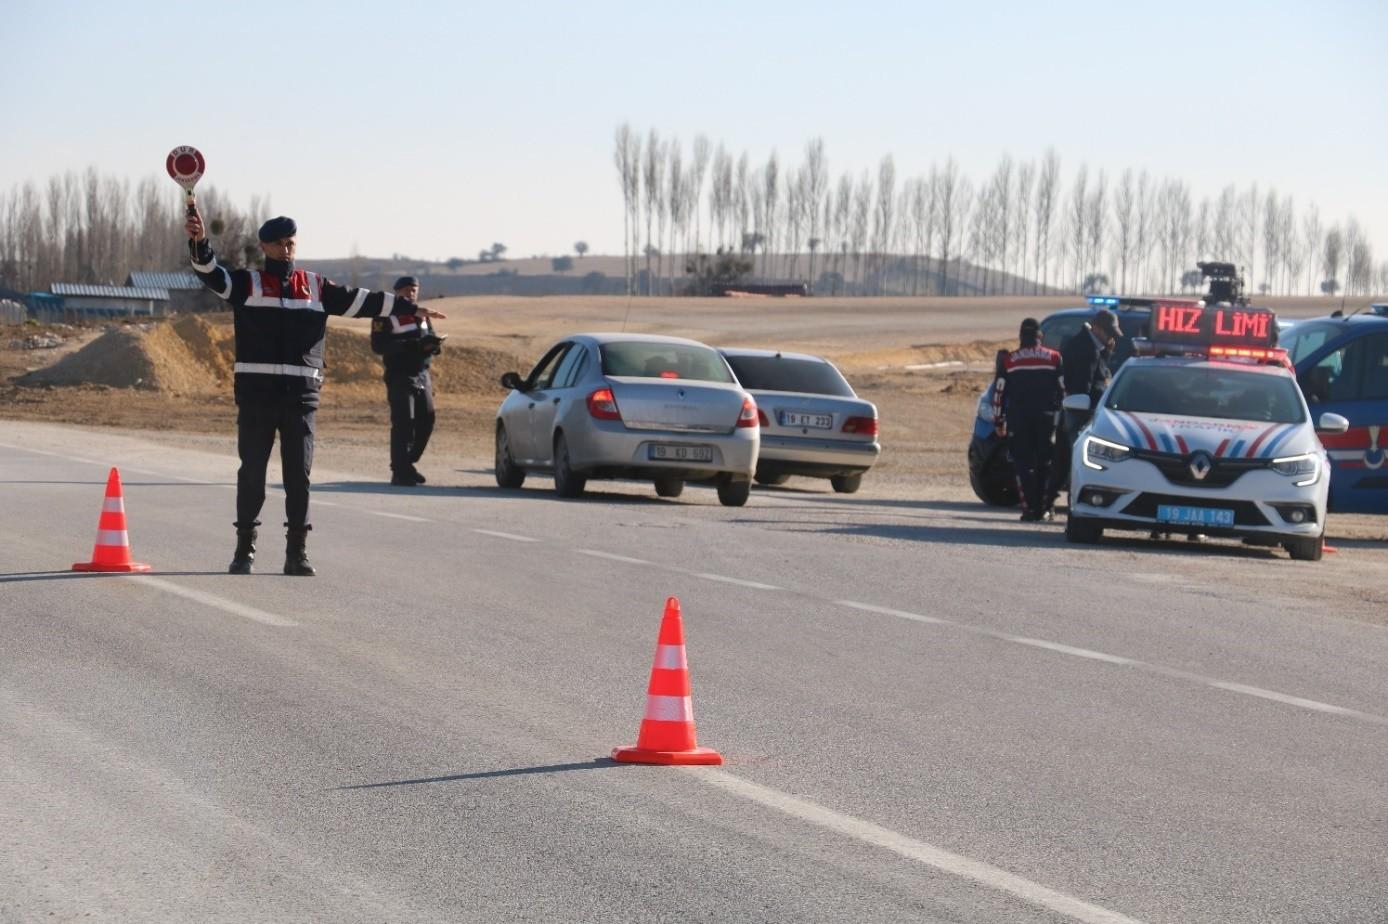 Çorum İl Jandarma Komutanlığı başarılı çalışmalarıyla göz dolduruyor